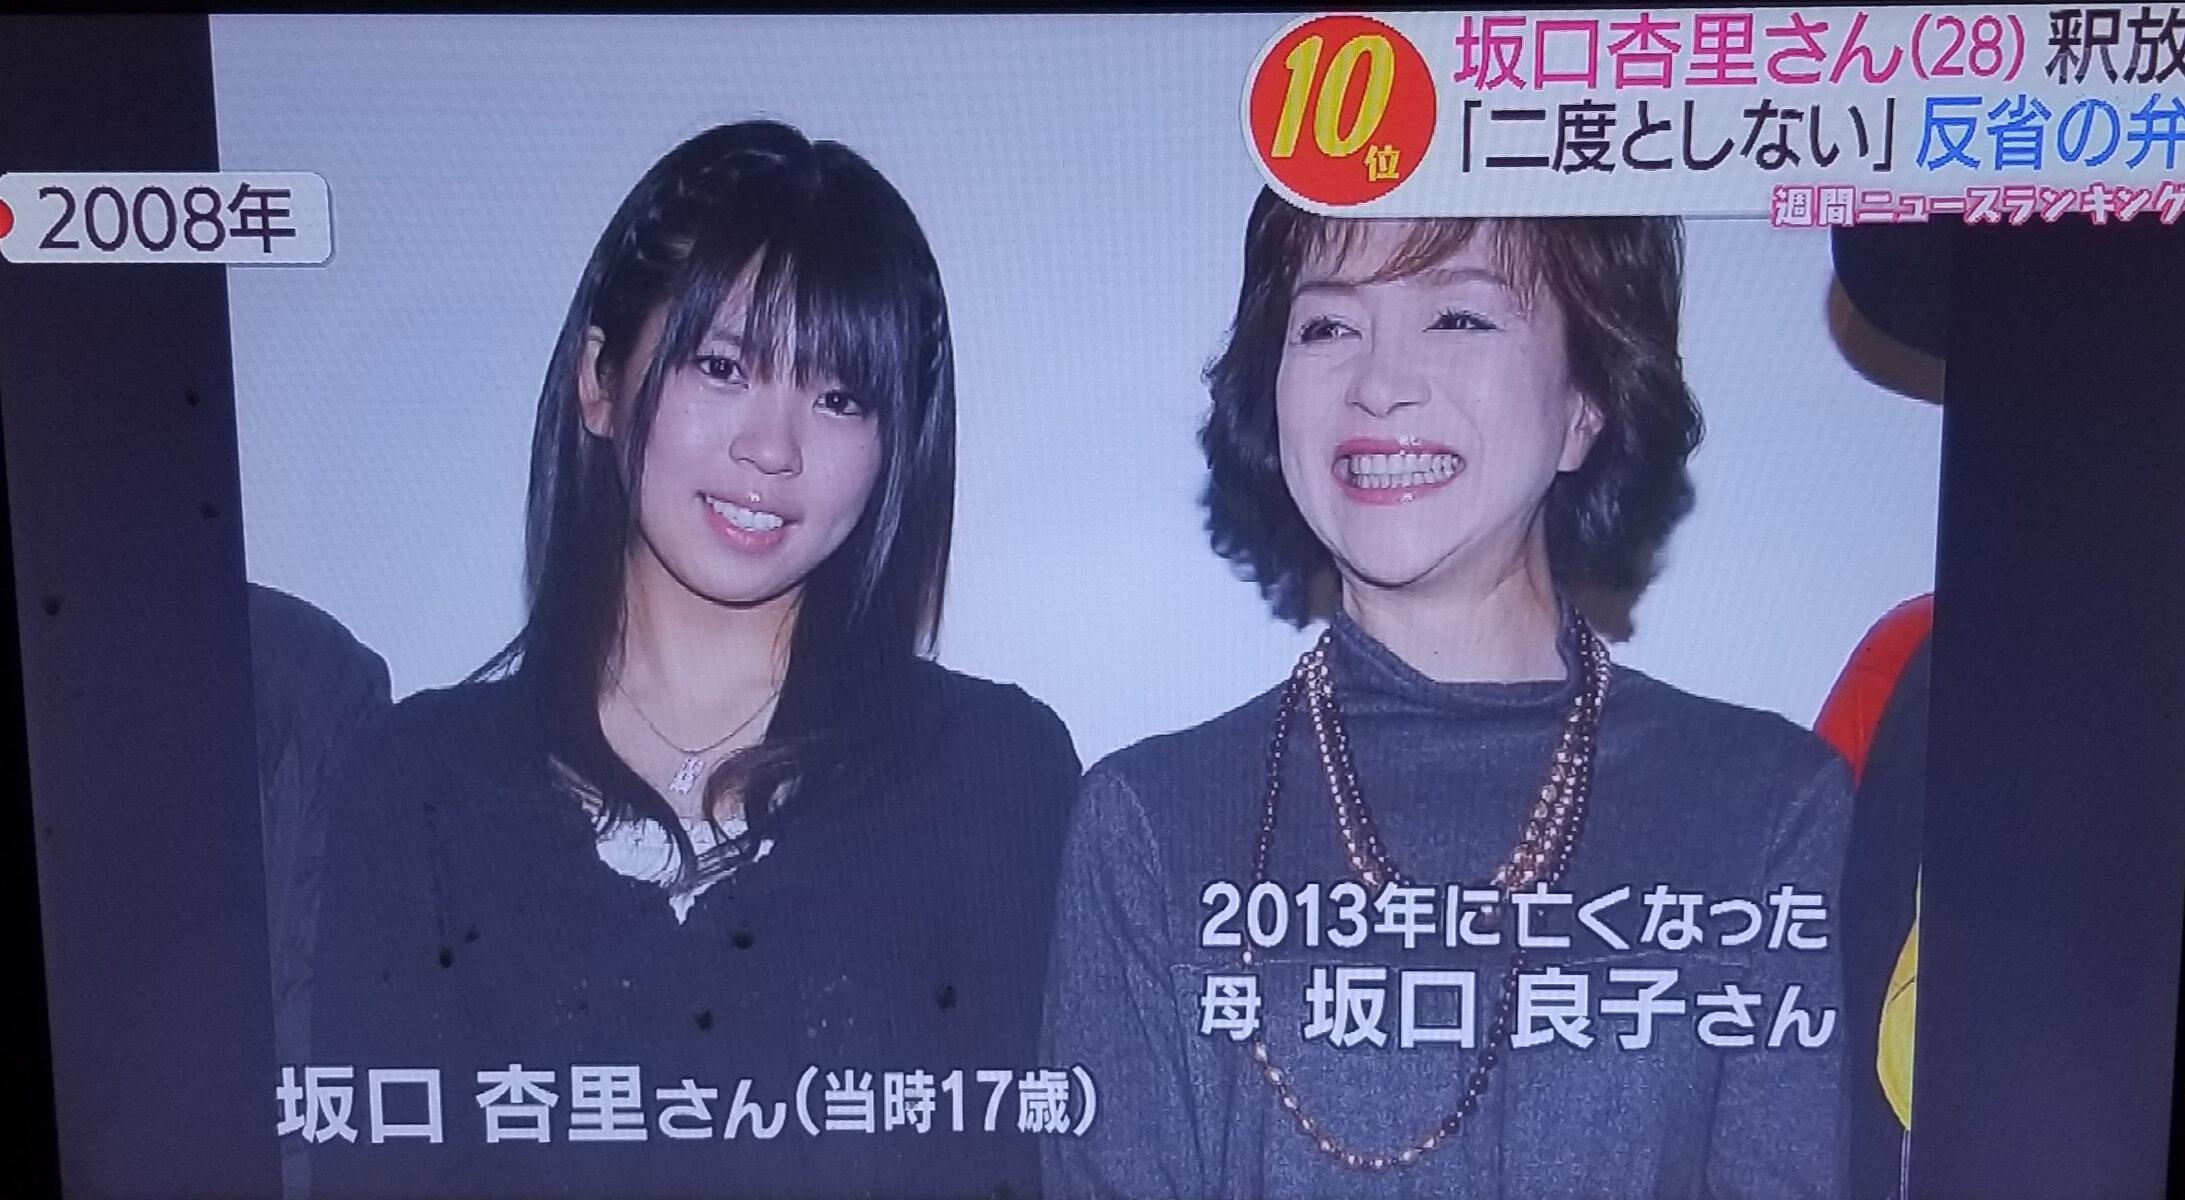 【悲報】坂口杏里さん(17)、死ぬほどかわいい